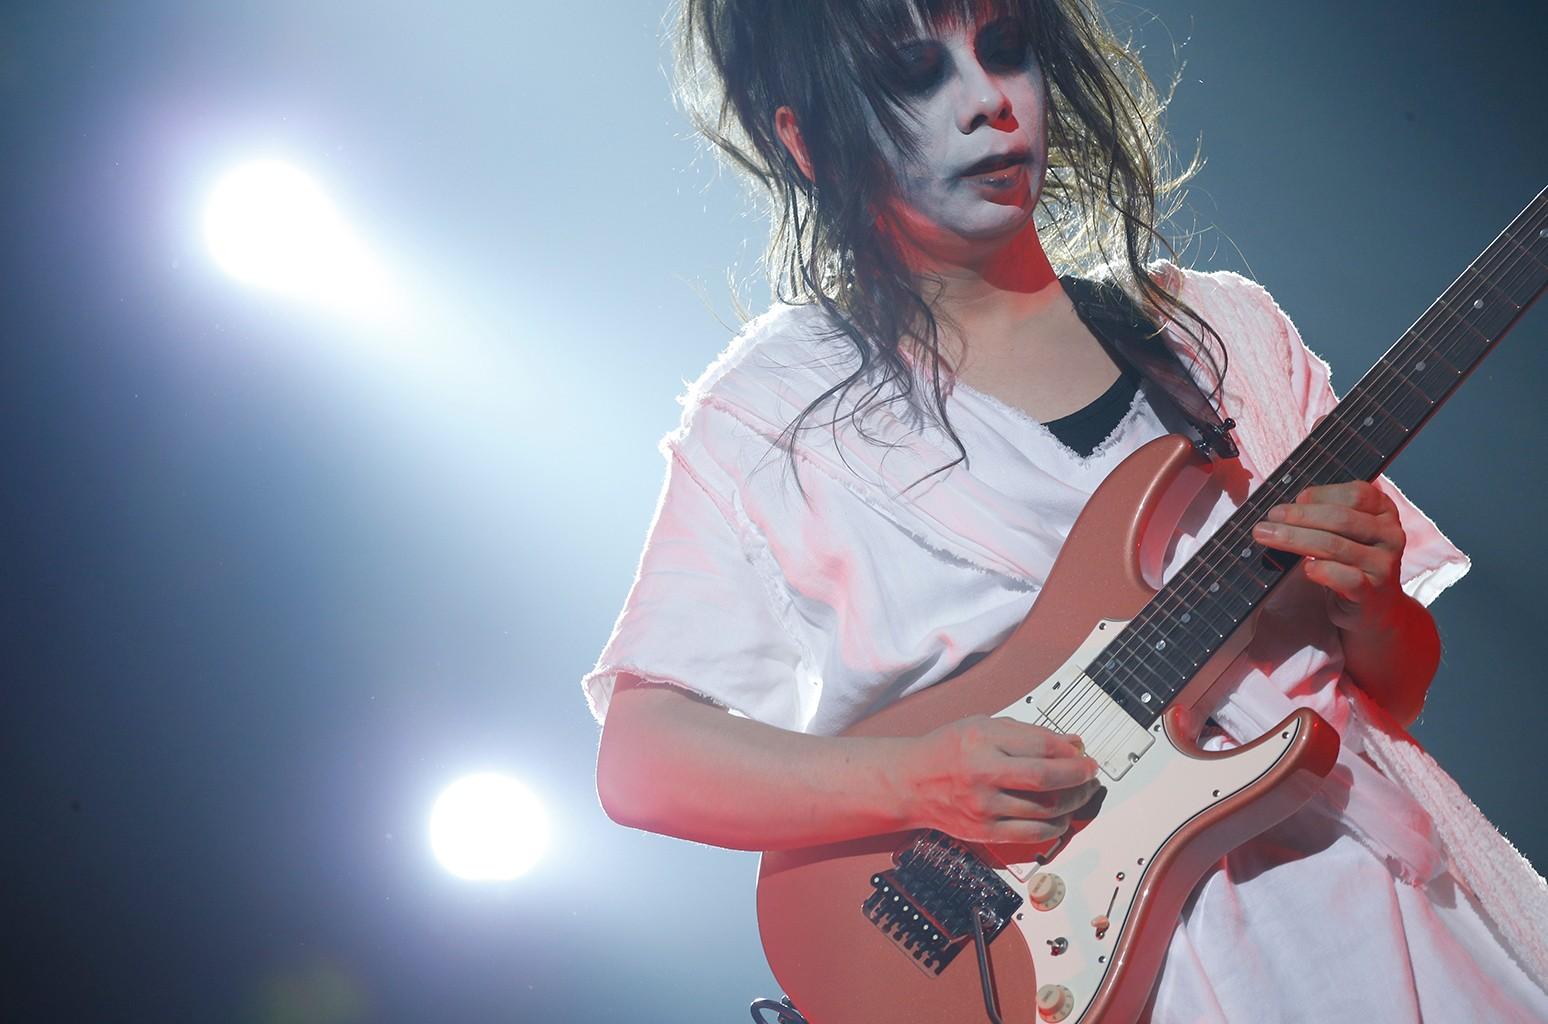 Mikio Fujioka of Babymetal